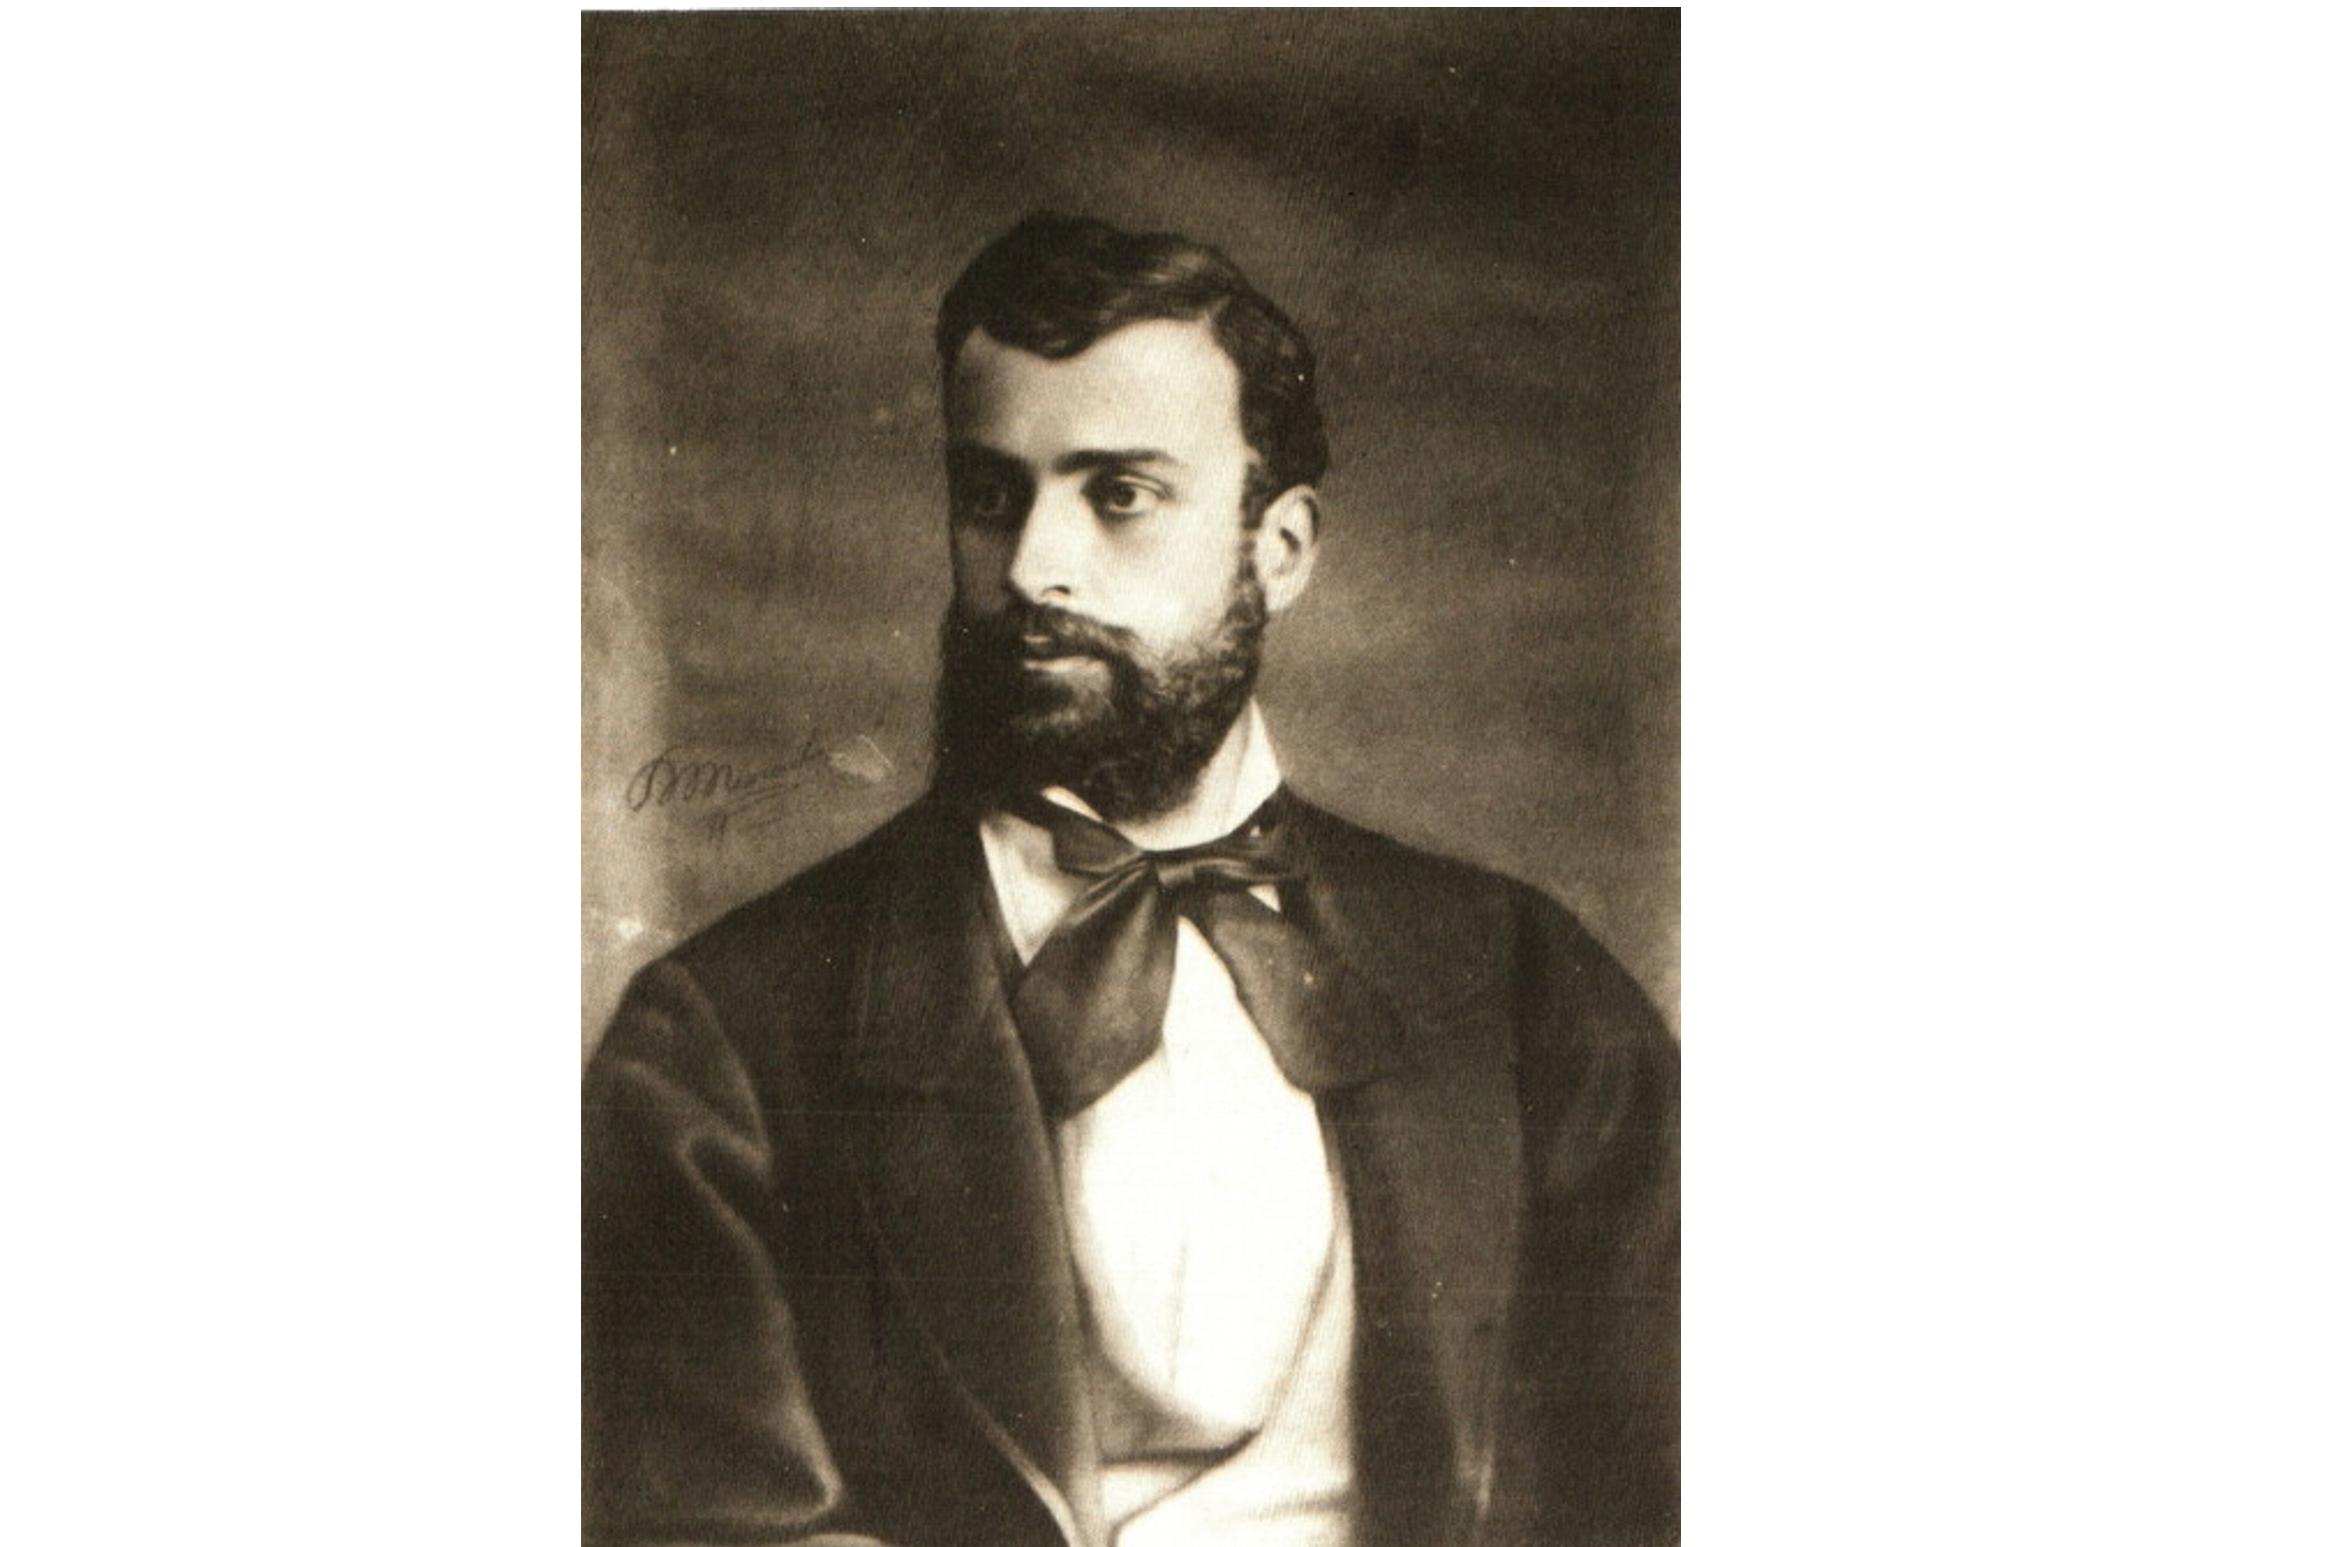 Un ritratto inedito del viaggiatore Pellegrino Matteucci